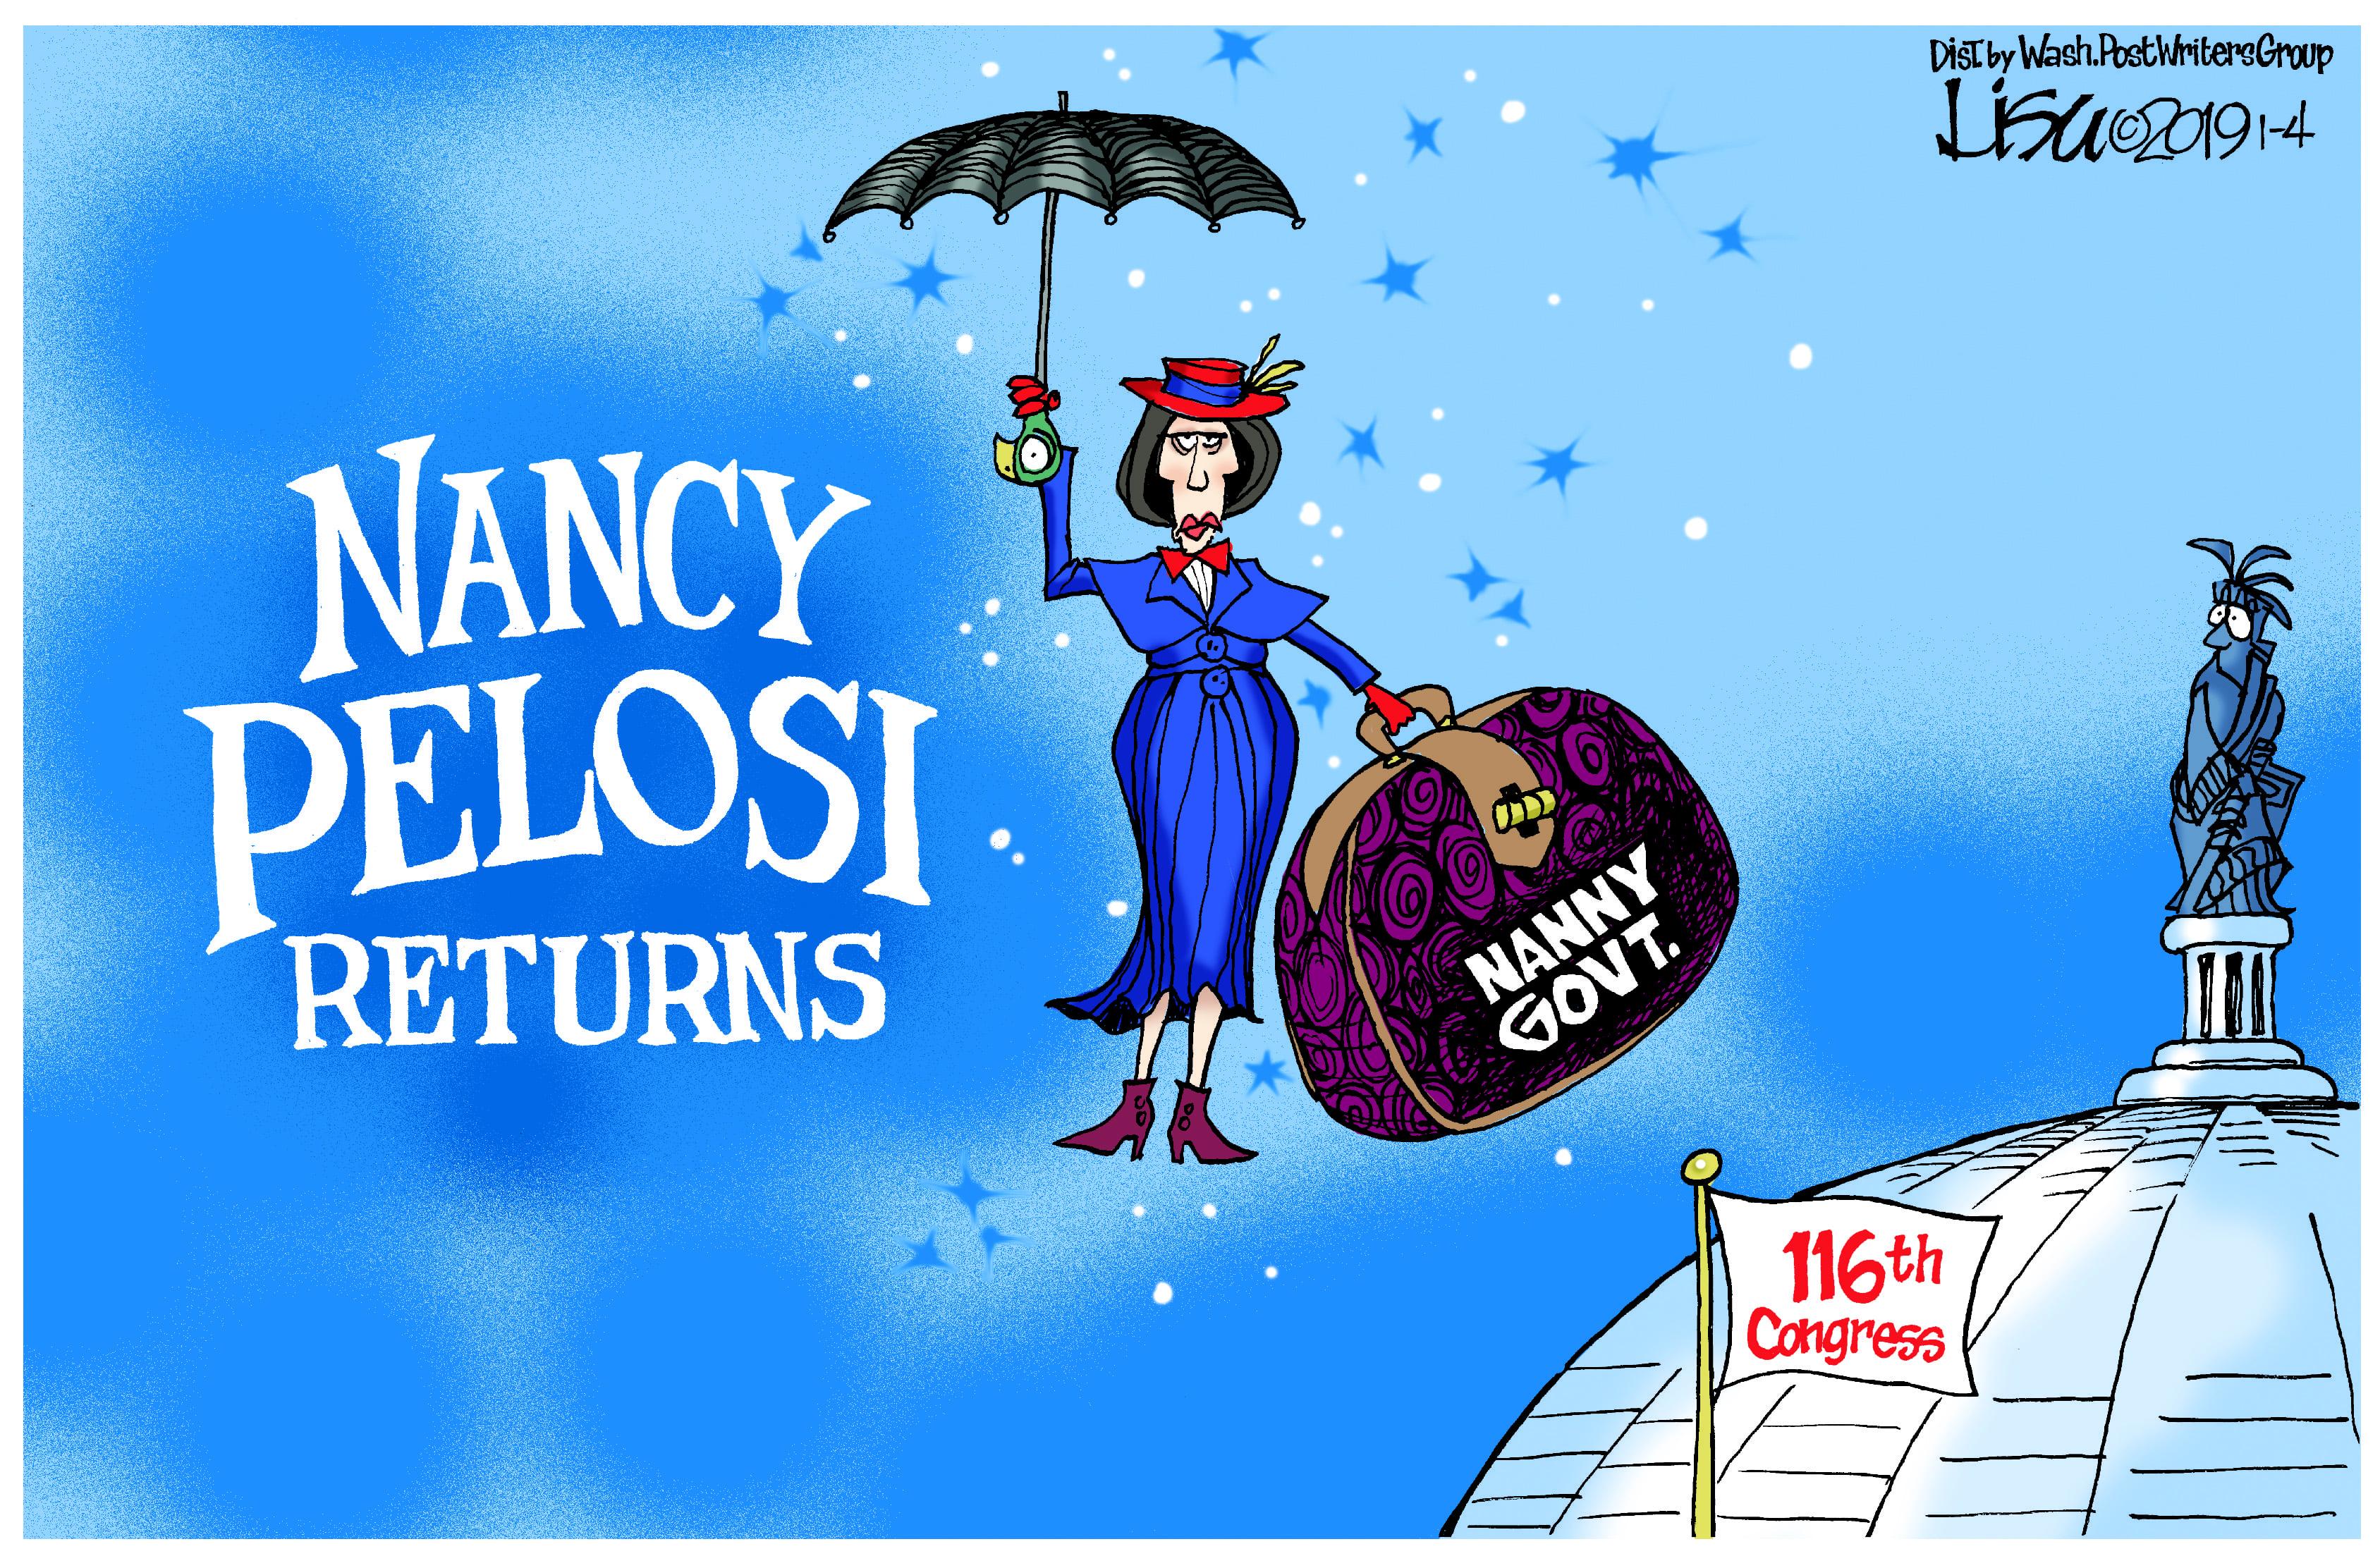 Jan. 5: Pelosi Returns